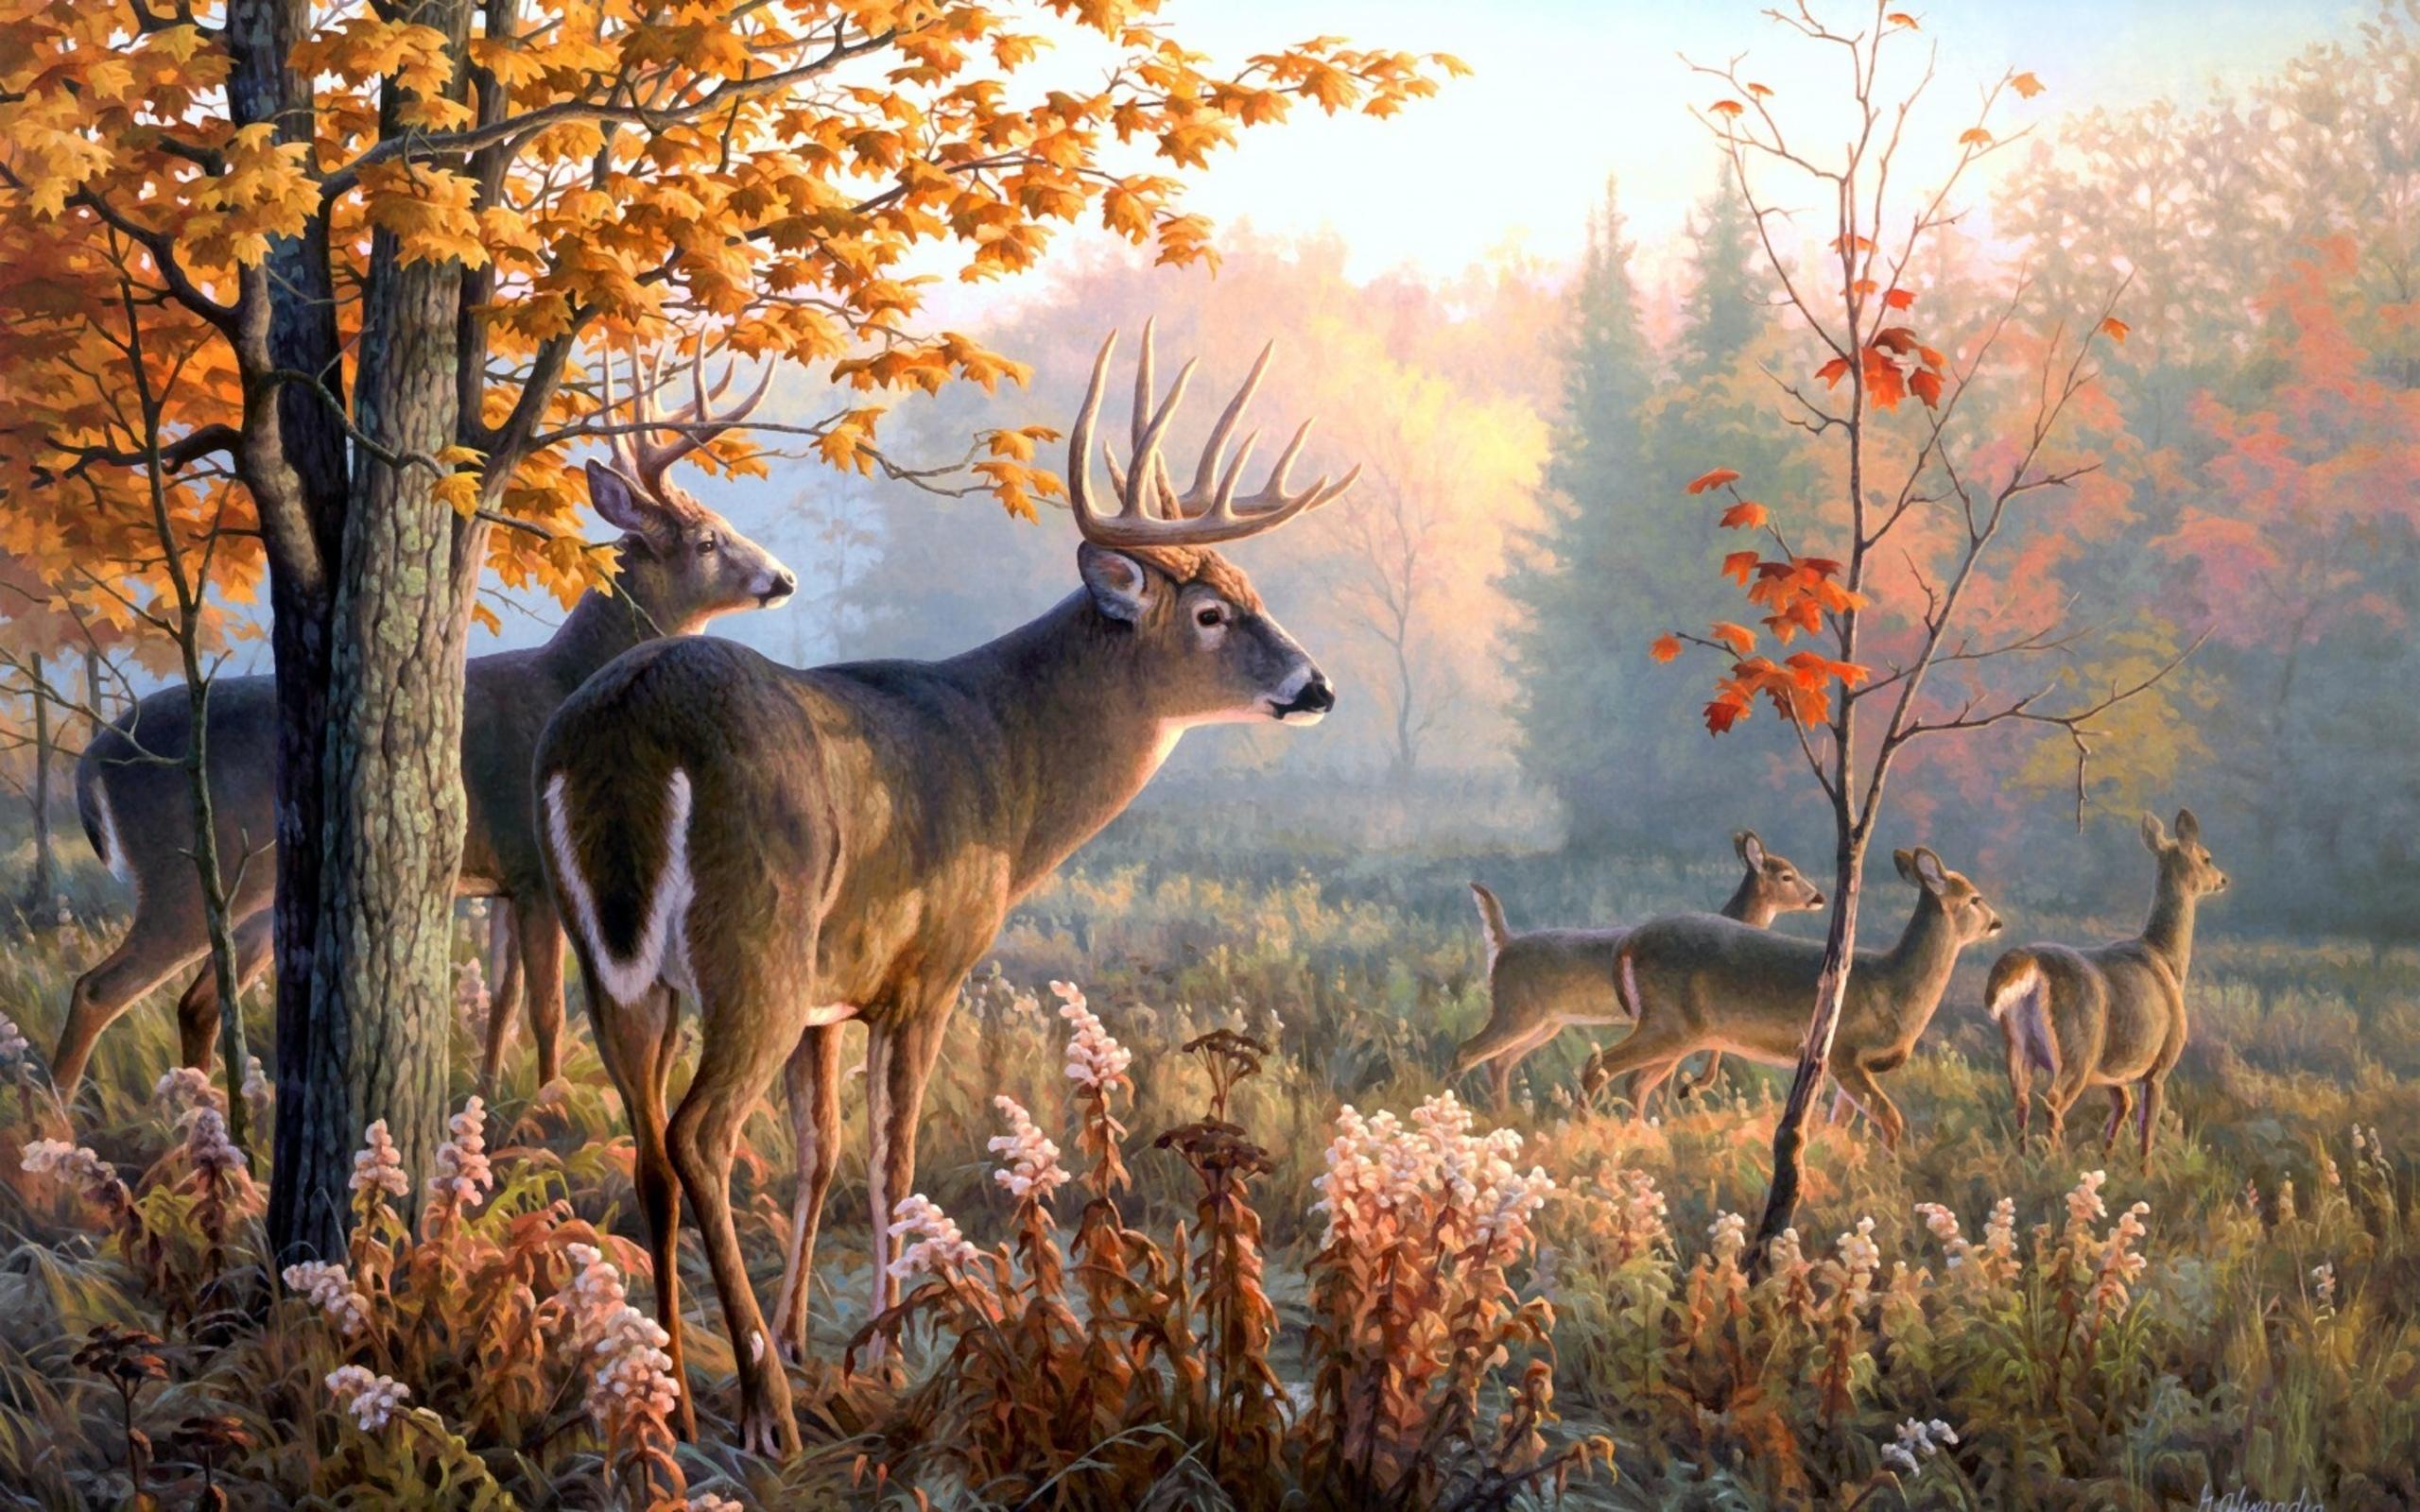 Deer Art Wallpaper wallpaper Deer Art Wallpaper hd wallpaper 2560x1600